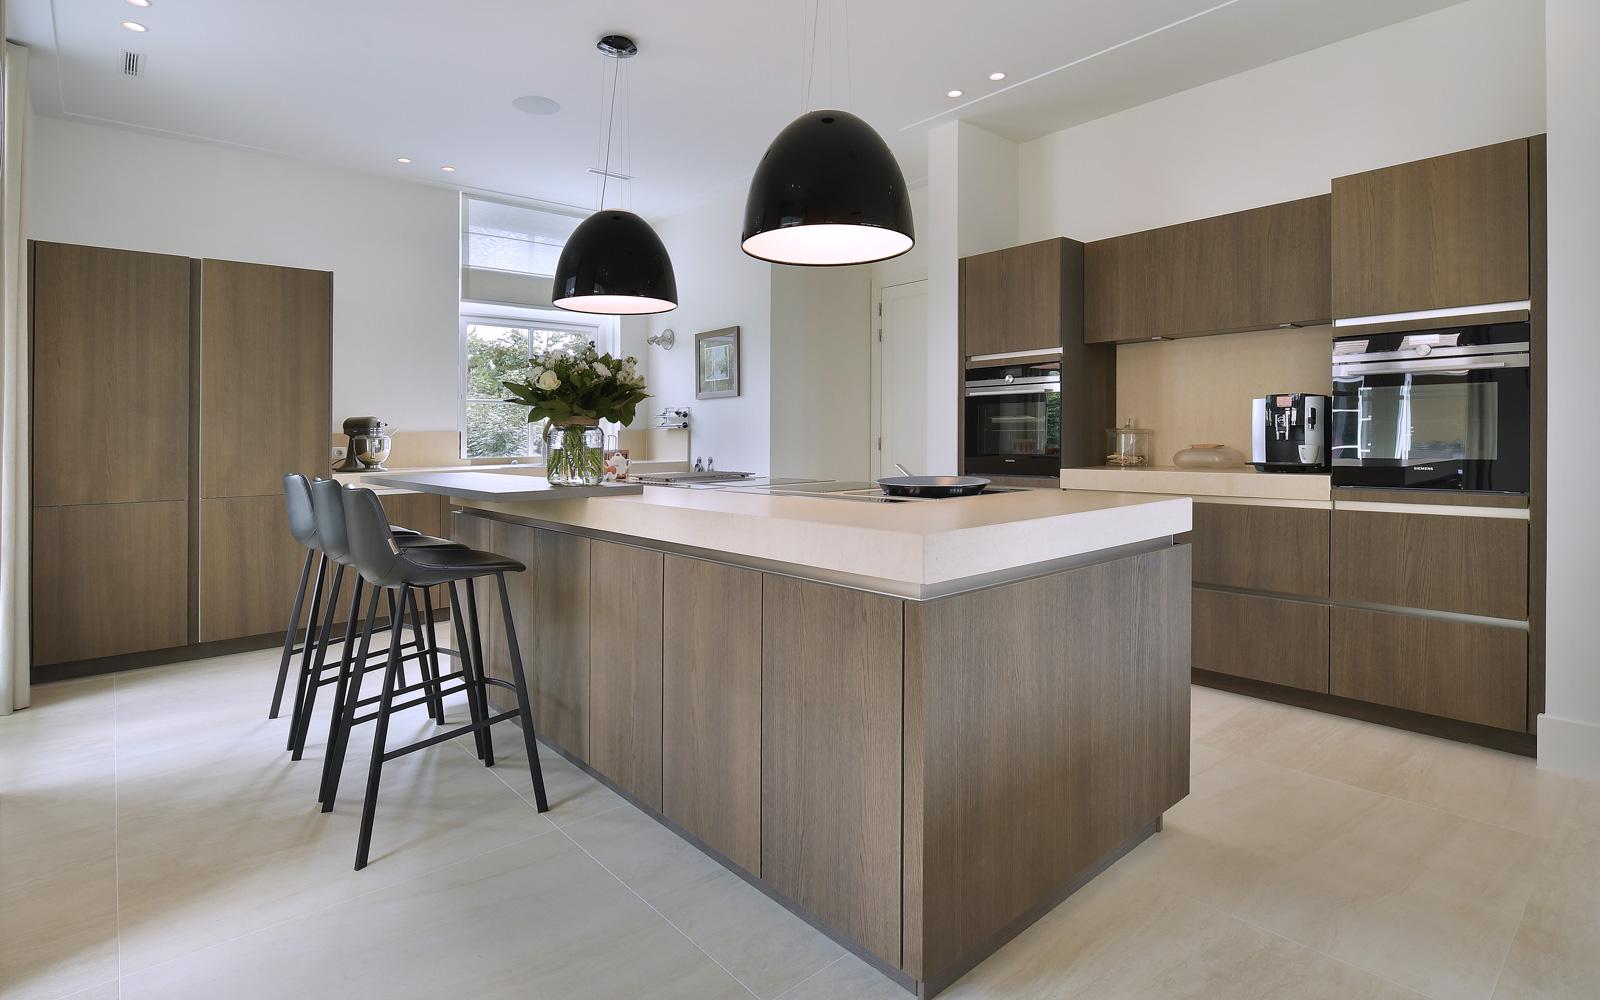 Eddie Donkers Tegelwerken heeft het lichtgekleurde tegelwerk in de keuken verzorgd.